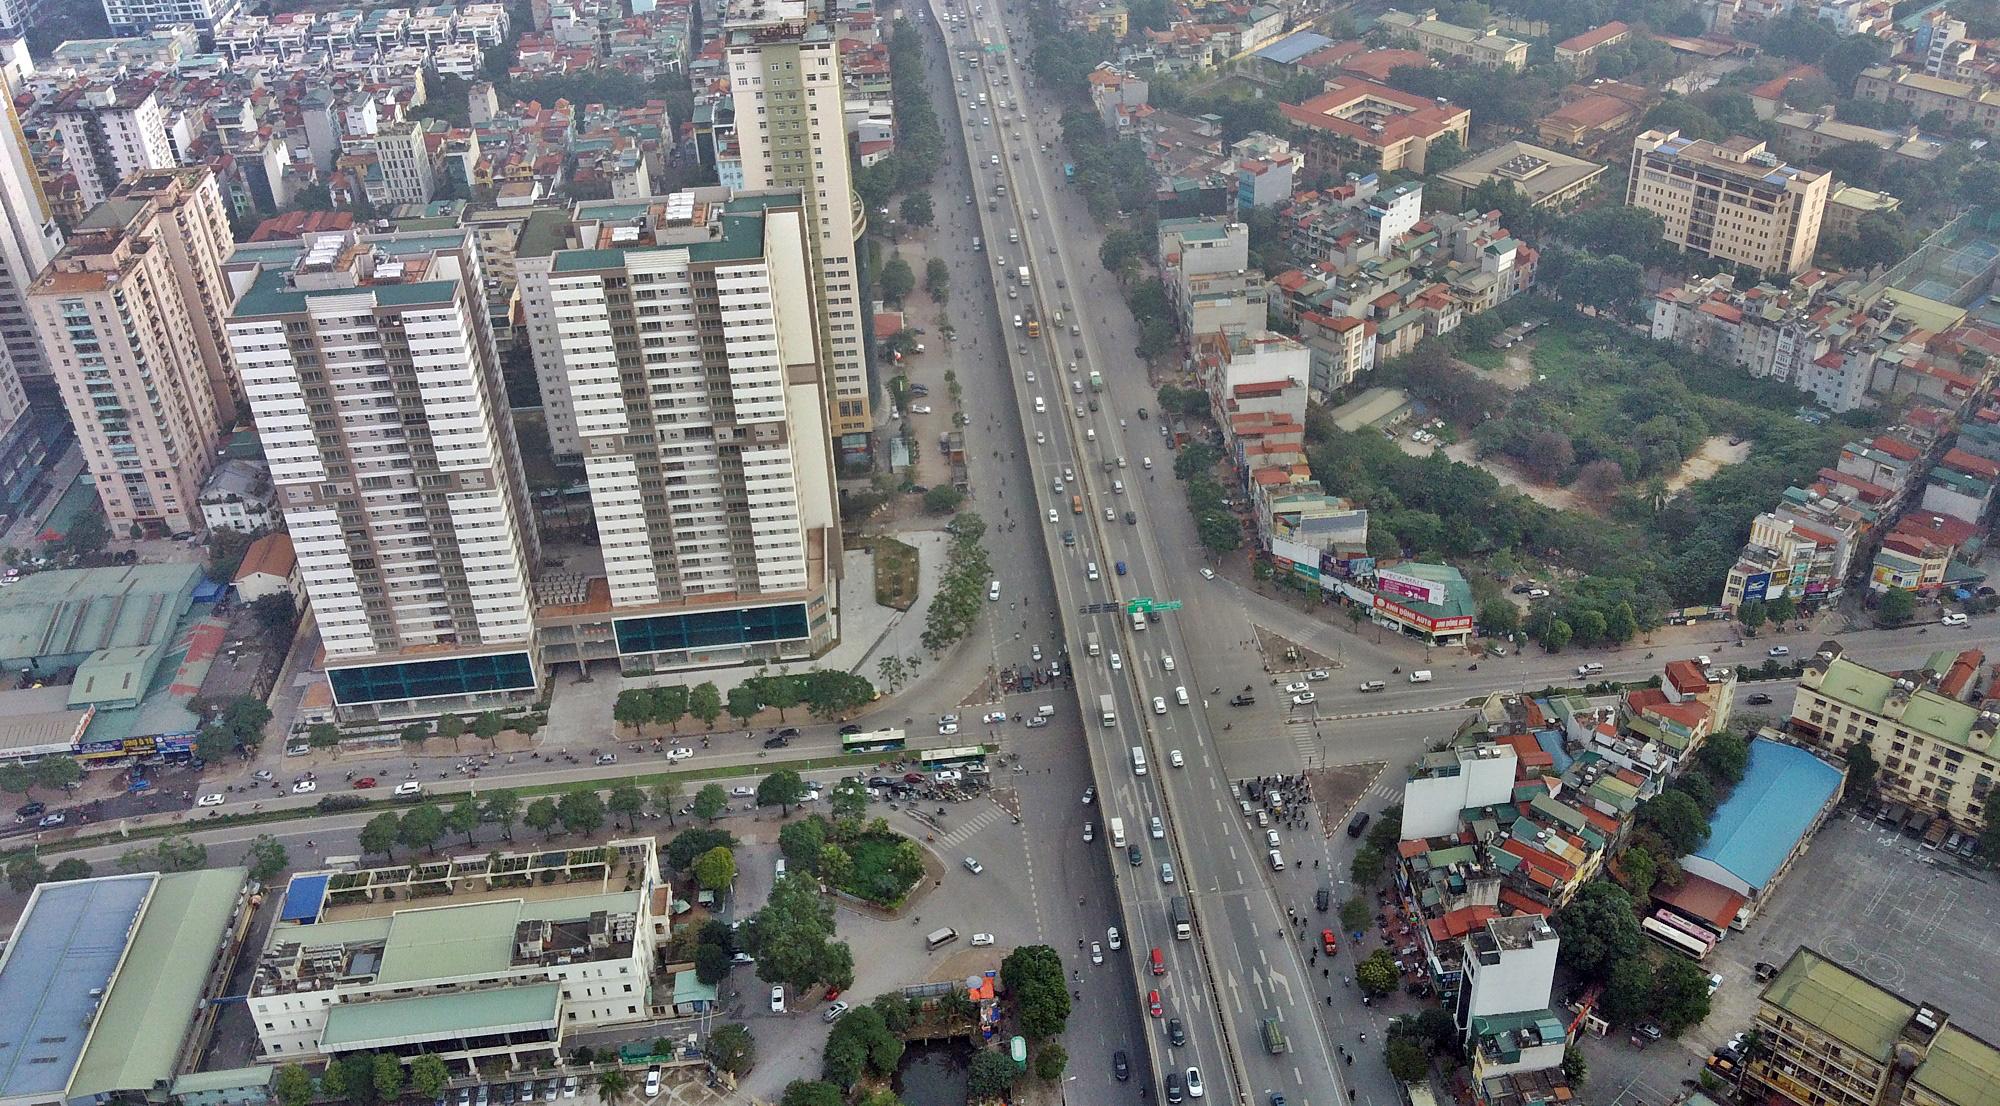 Toàn cảnh khu vực xây hầm chui Lê Văn Lương - Vành đai 3 gần 700 tỉ đồng - Ảnh 2.